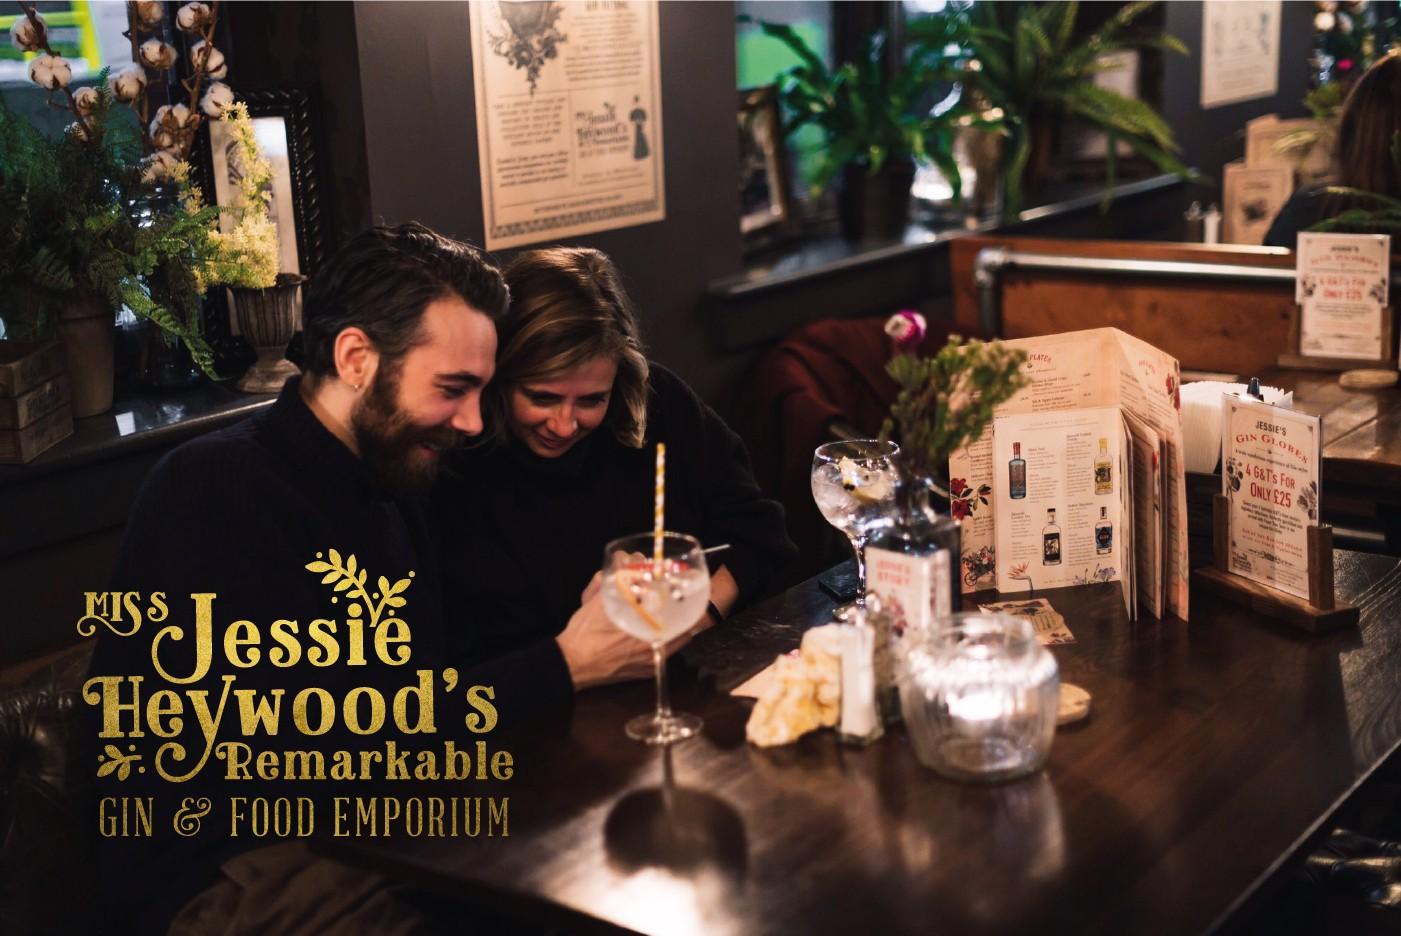 Jessie Heywood's